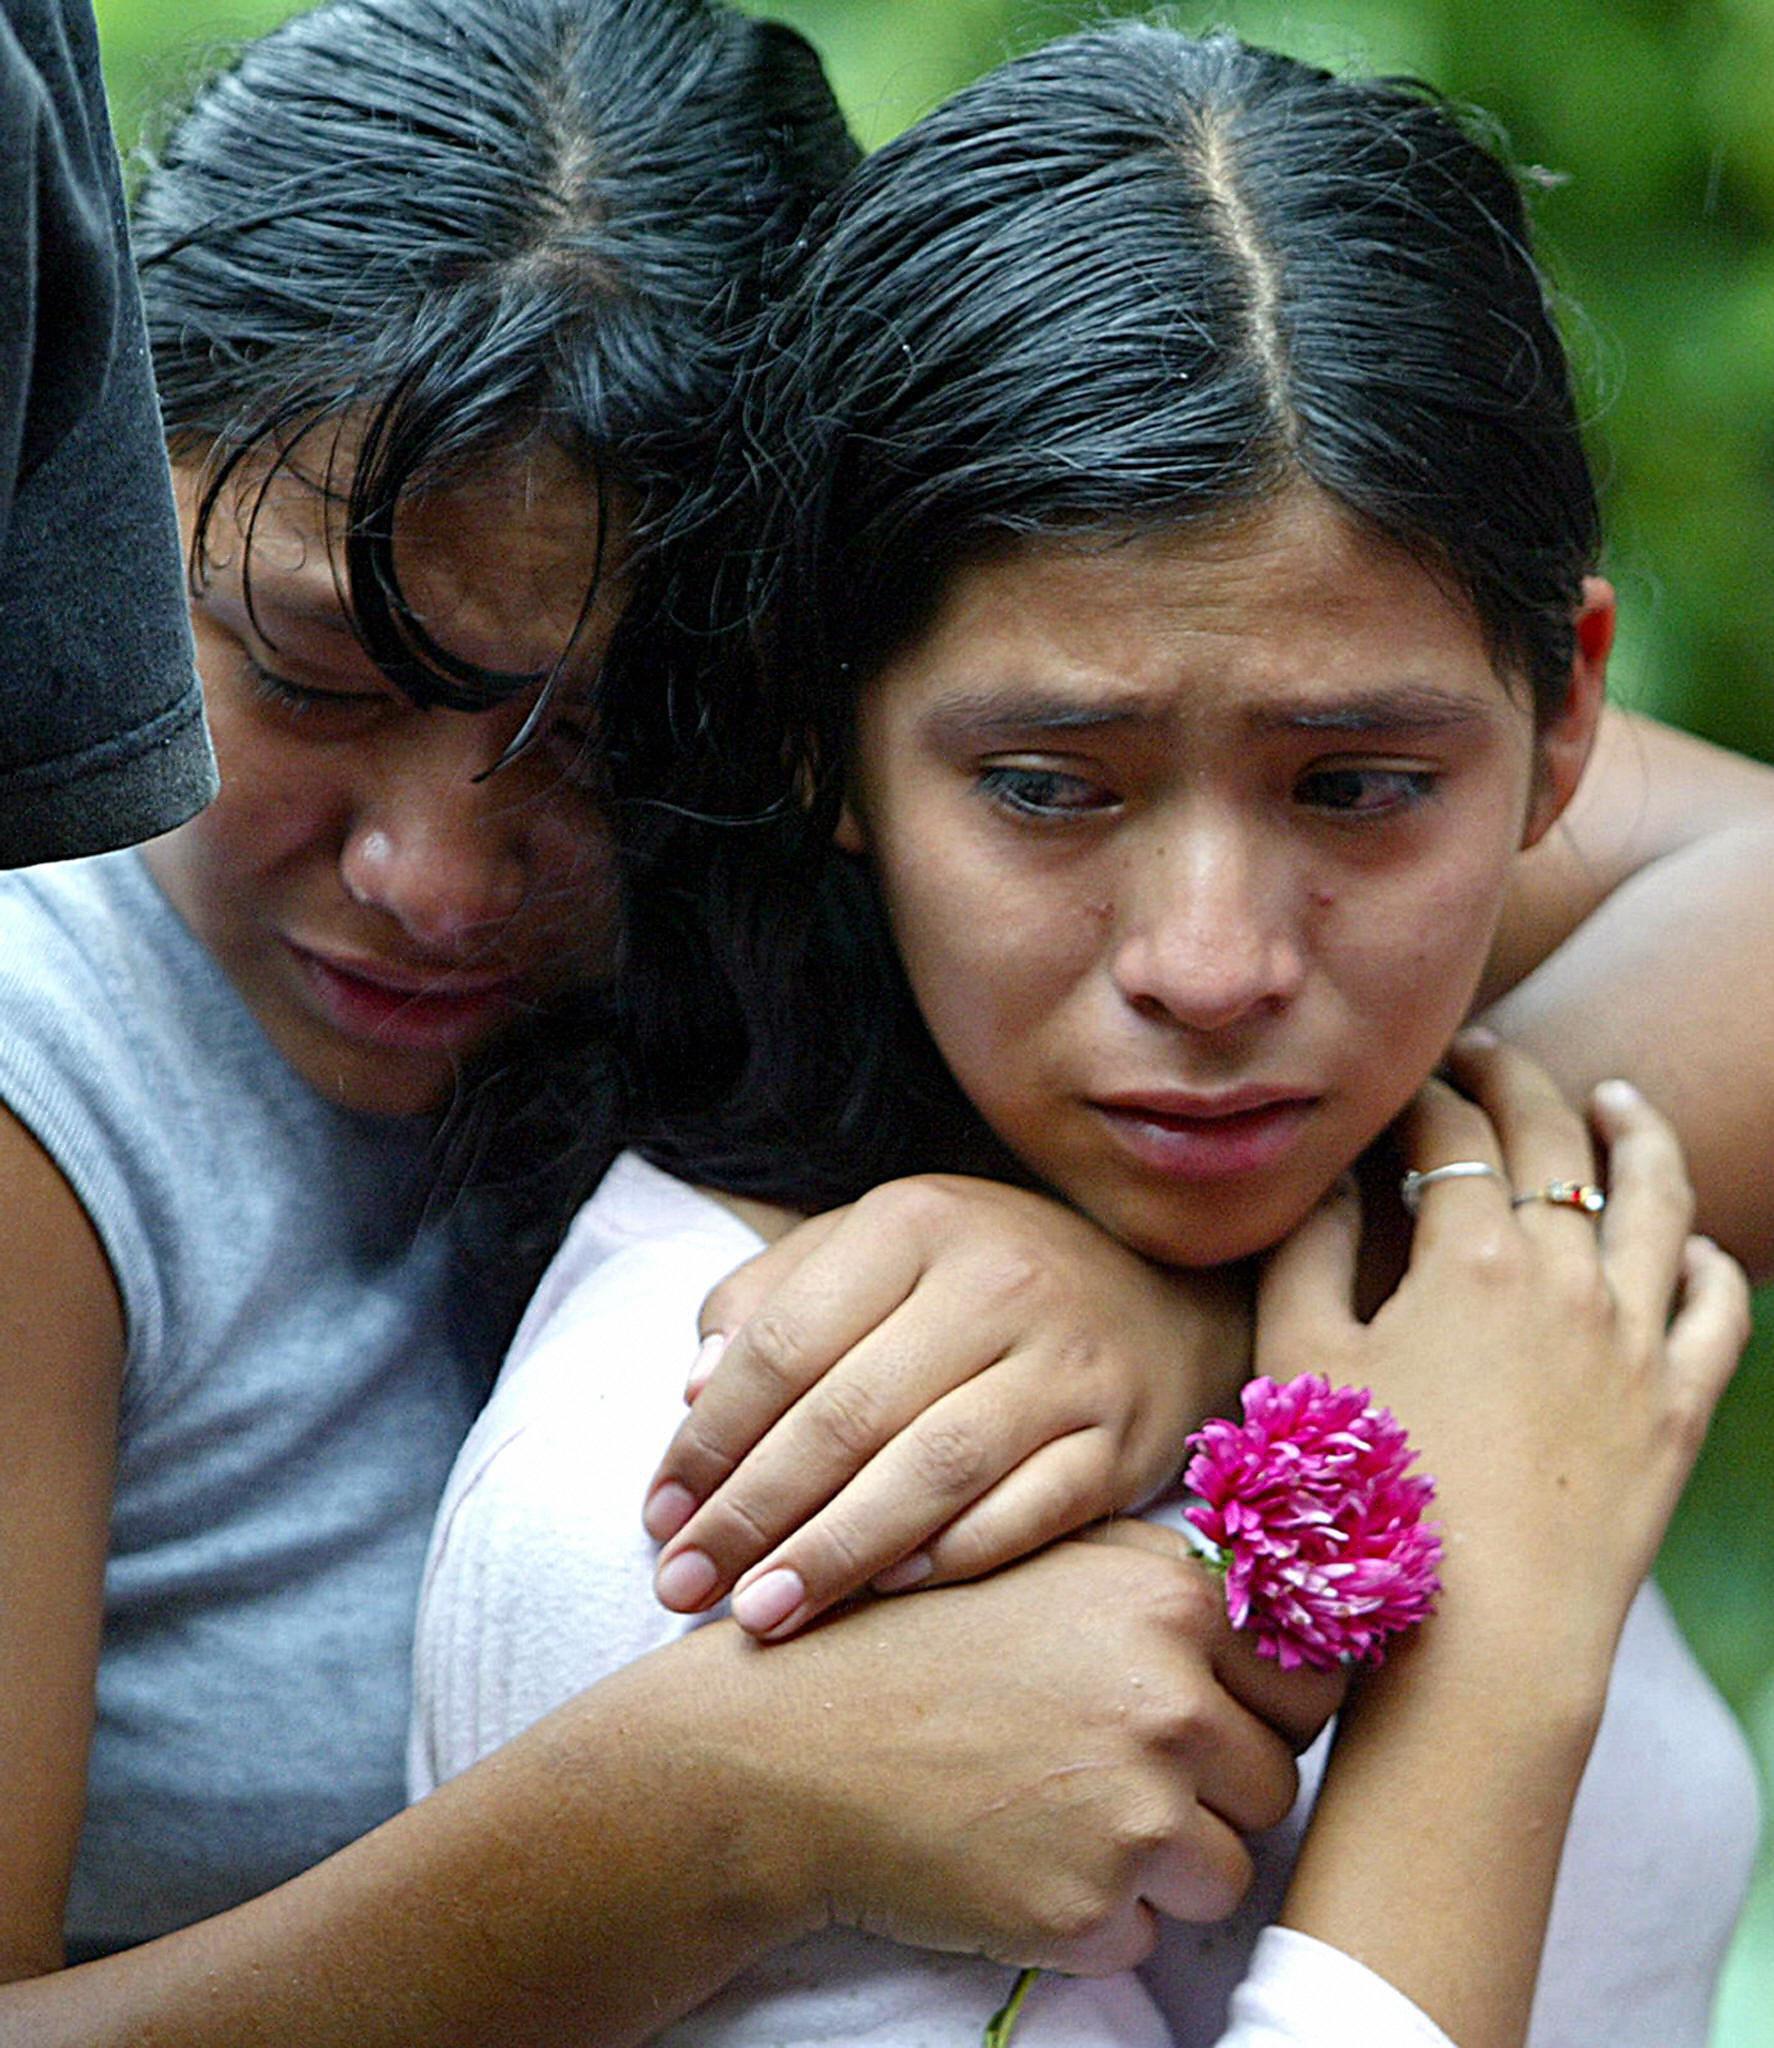 Κι όμως η κυριότερη αιτία θανάτου των νέων στο Ελ Σαλβαδόρ αποκαλύπτει την πιο μεγάλη αλήθεια για τη χώρα